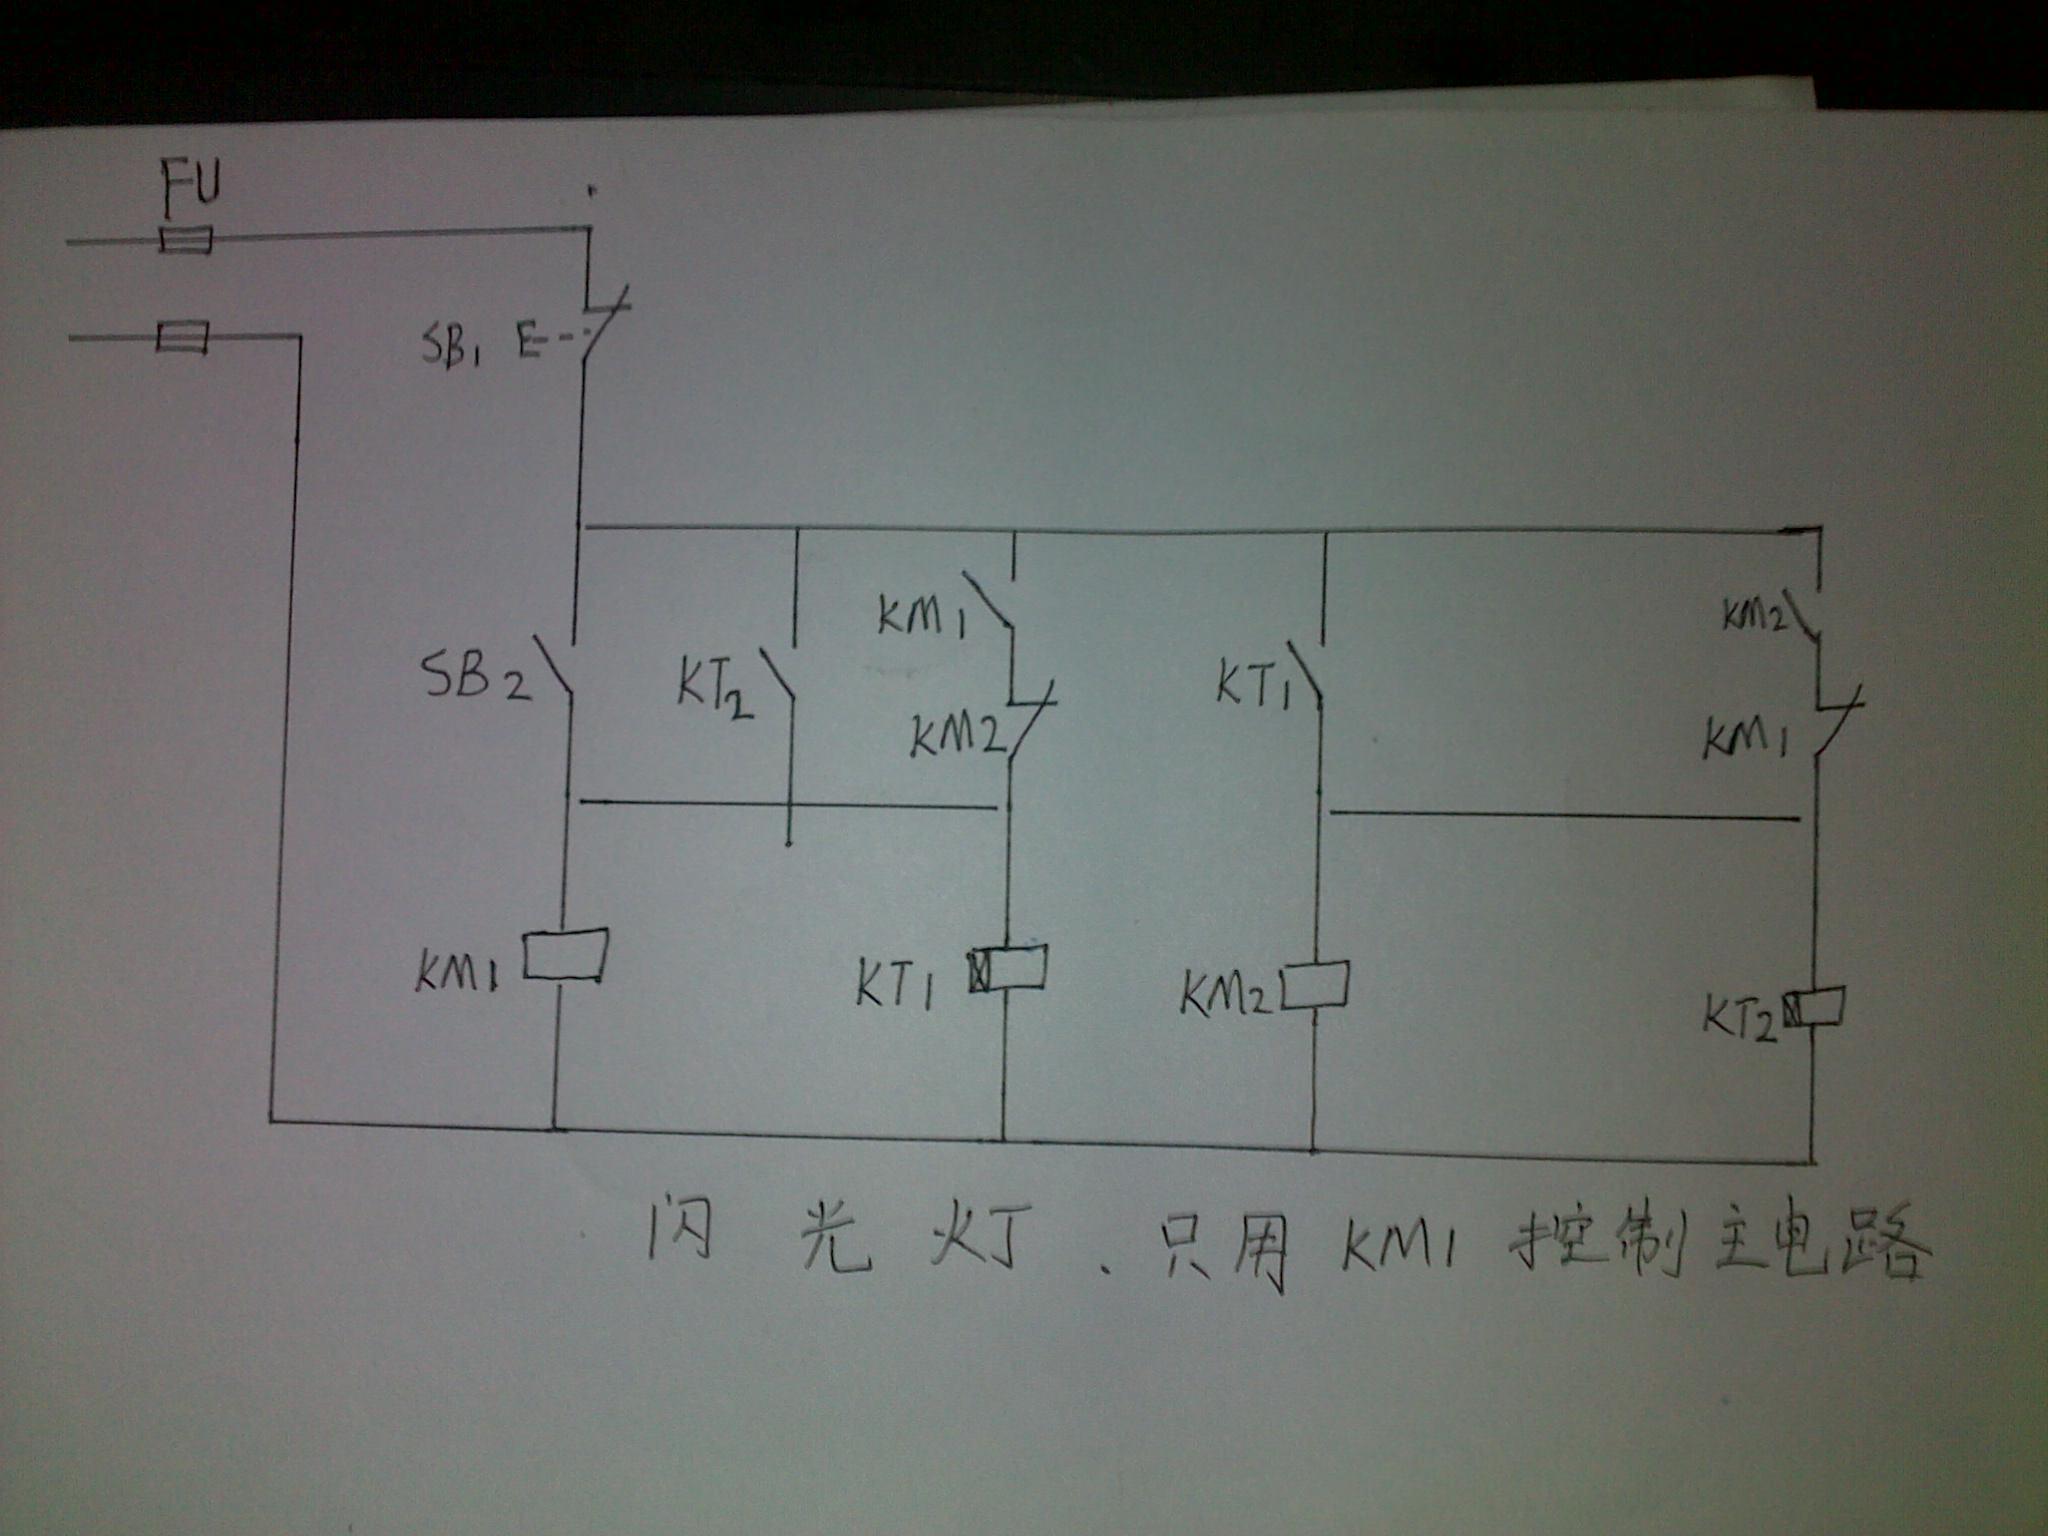 2013-06-24 20:20 提问者采纳 大家分析下 这个 控制电路图片